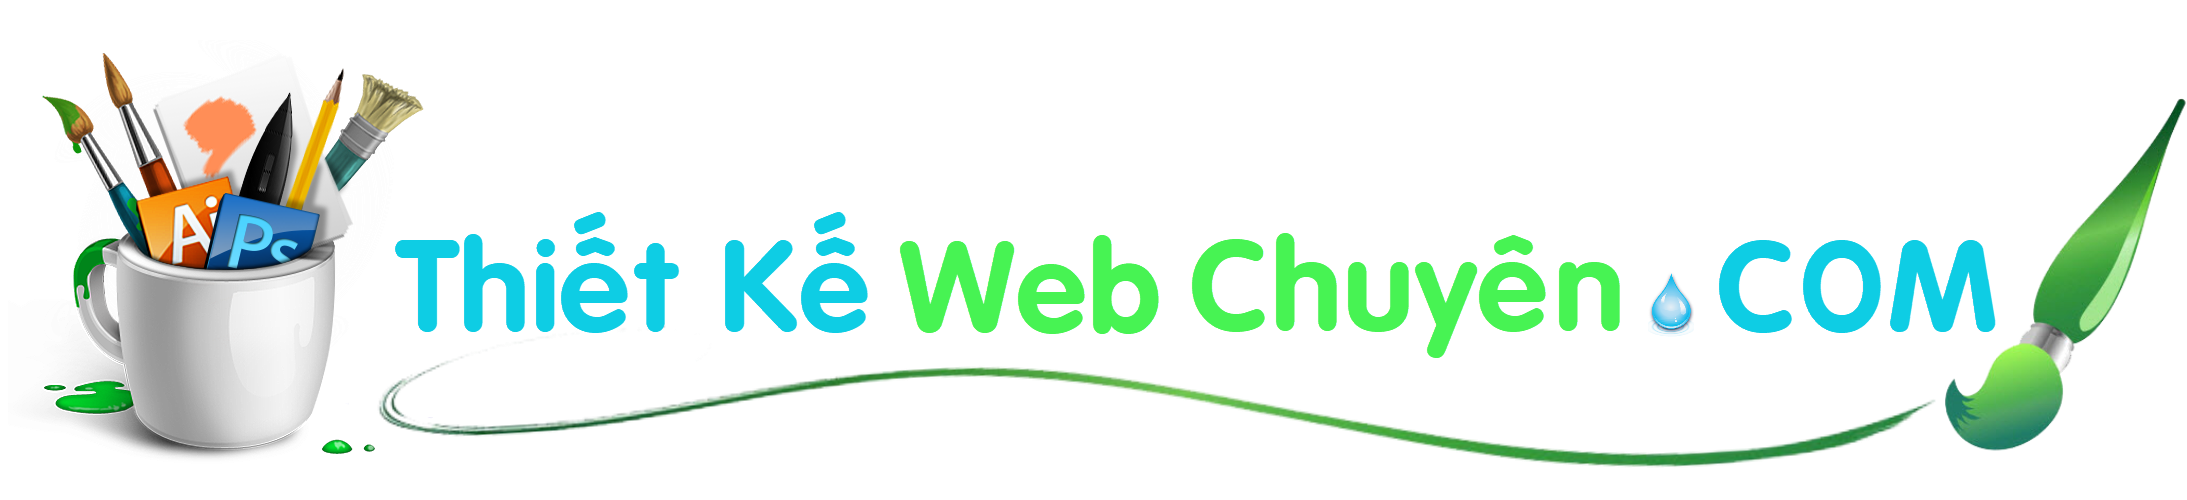 Thiết kế website theo yêu cầu trọn gói giá rẻ: bán hàng, chuẩn SEO, uy tín chuyên nghiệp